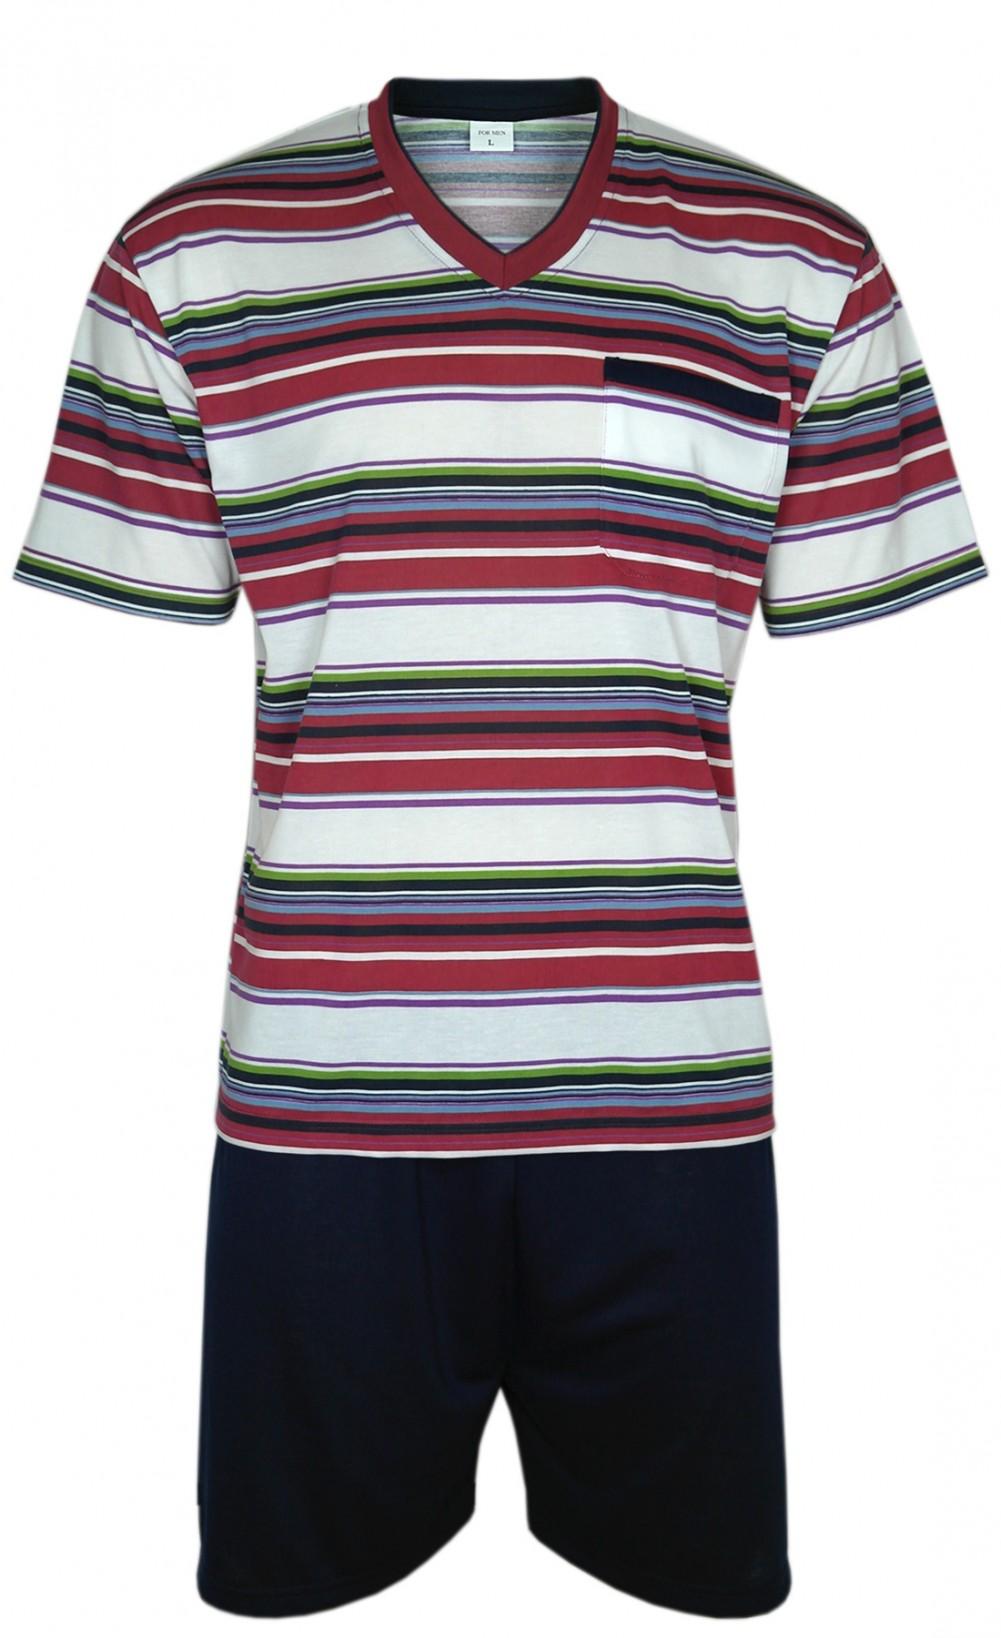 urzer Herren Pyjama/Schlafanzug im Ringellook - Rot